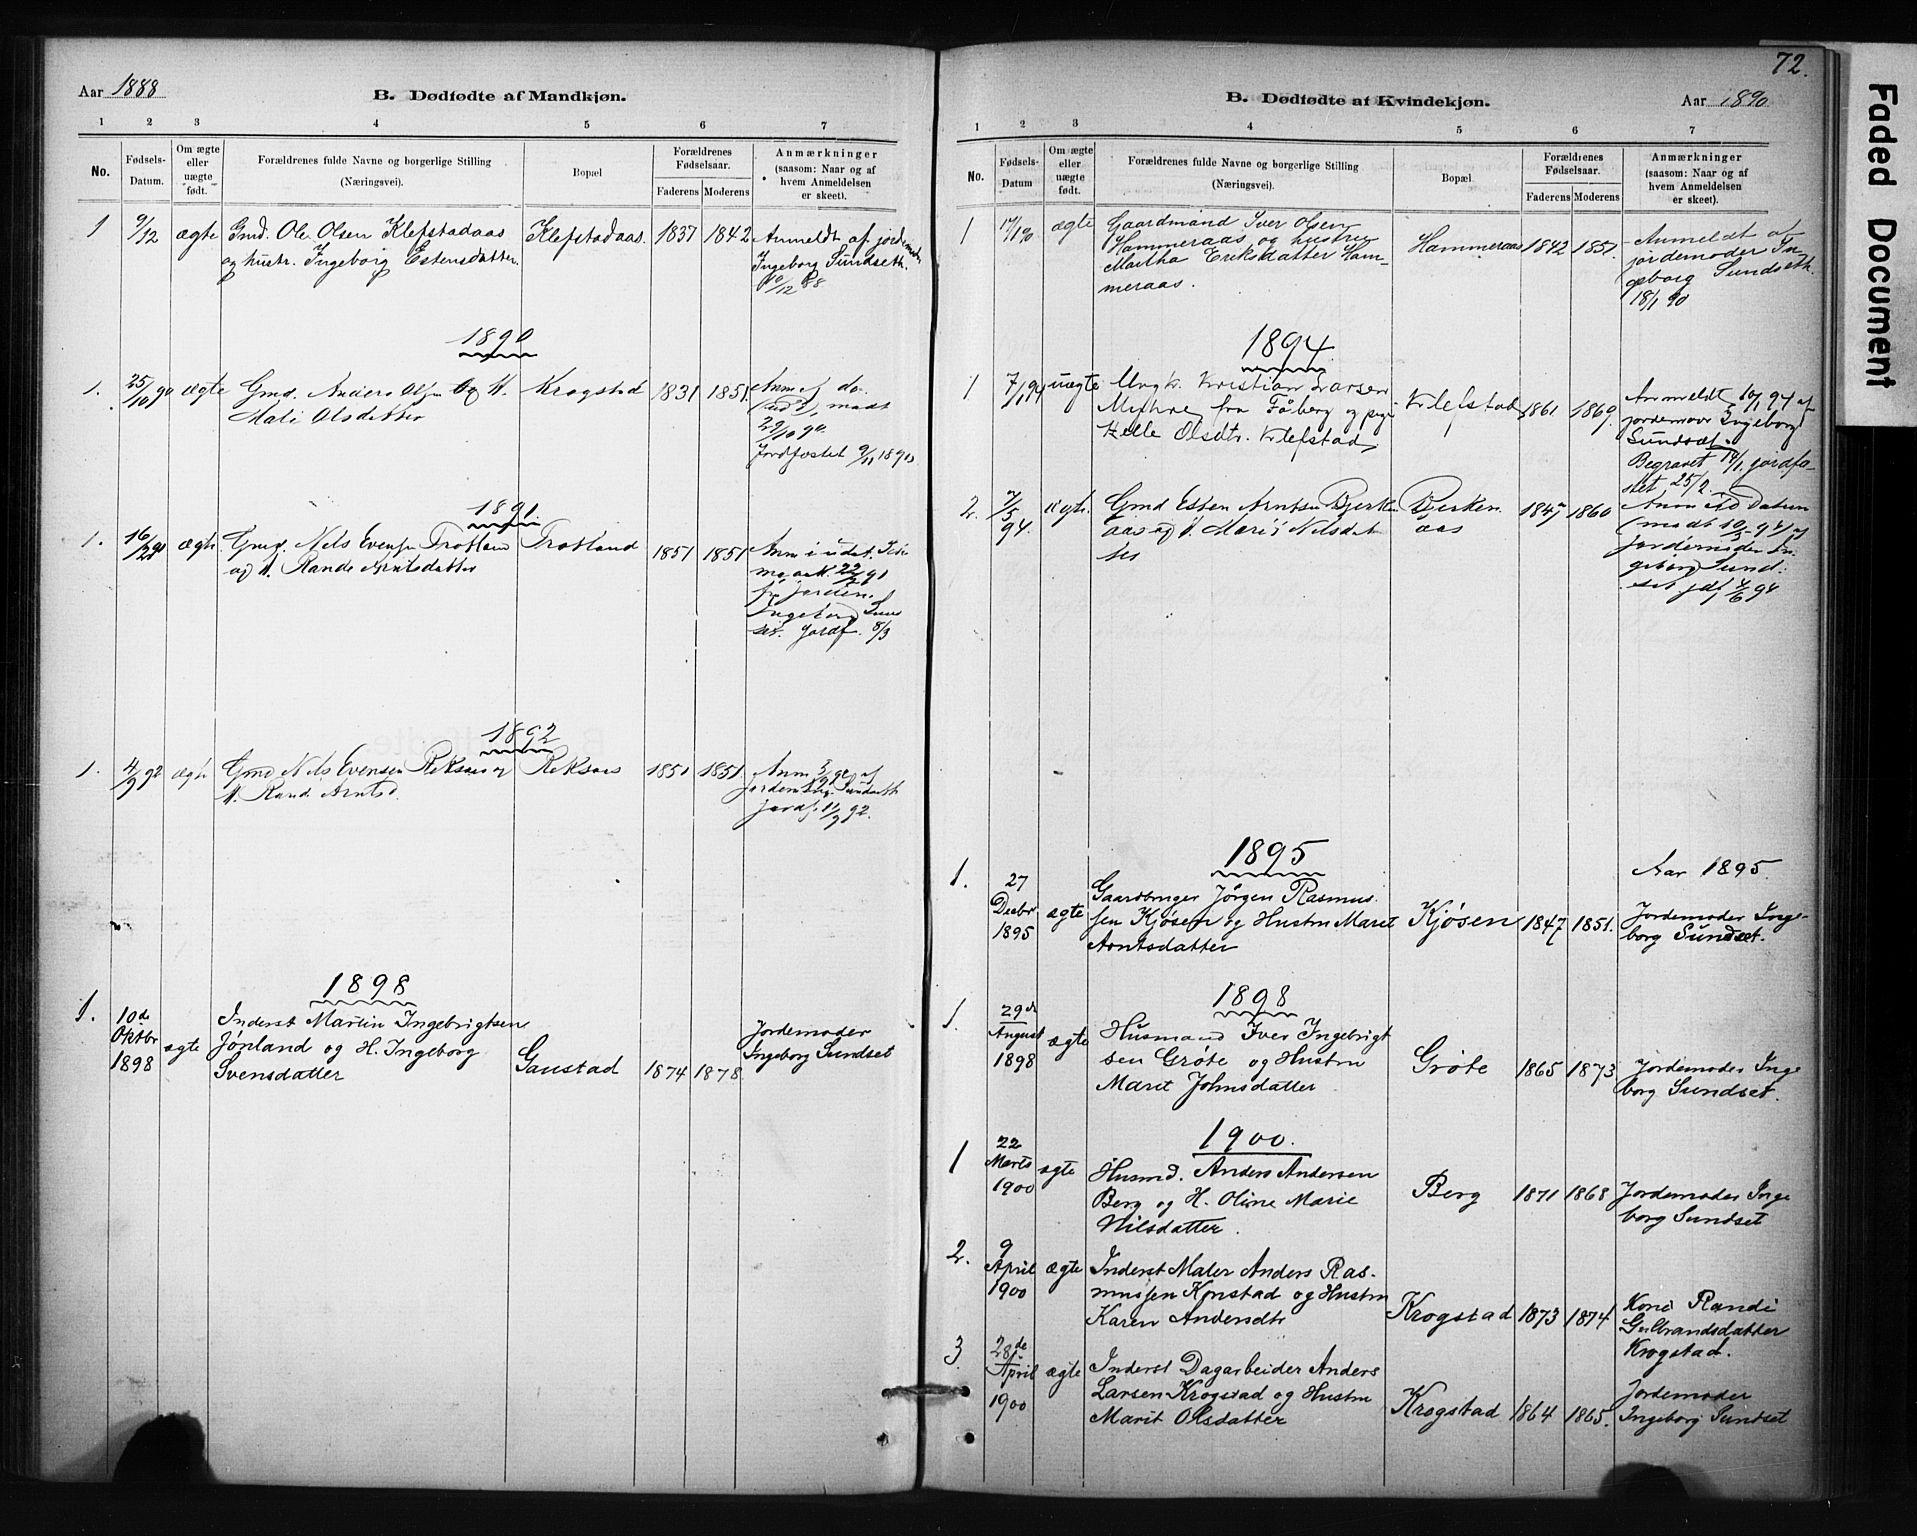 SAT, Ministerialprotokoller, klokkerbøker og fødselsregistre - Sør-Trøndelag, 694/L1127: Ministerialbok nr. 694A01, 1887-1905, s. 72